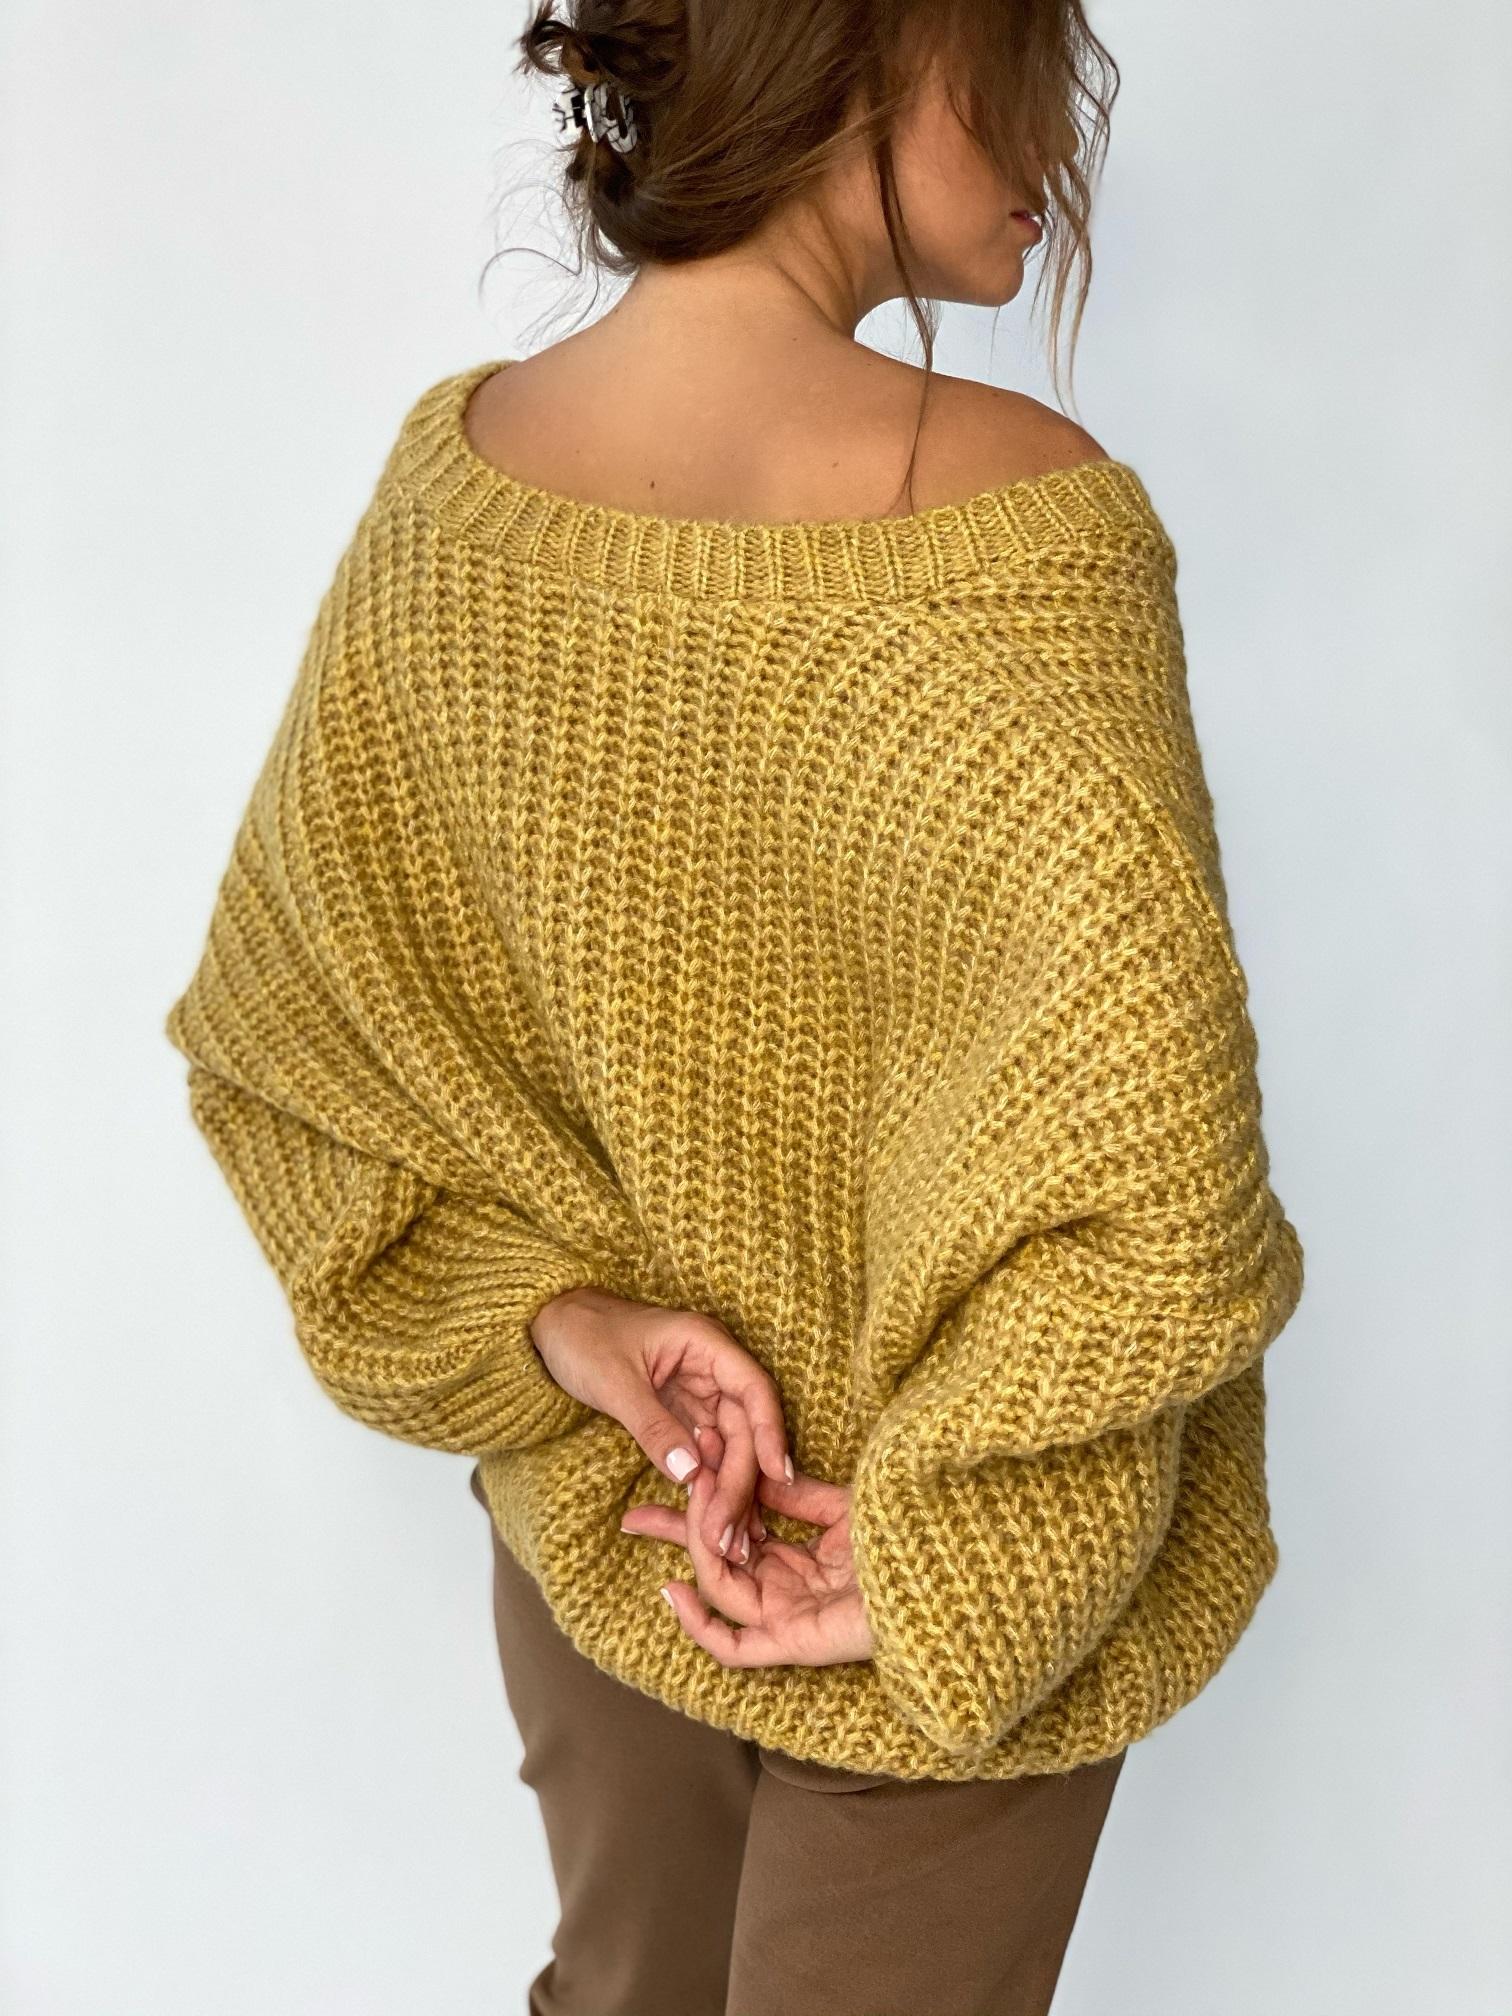 Пуловер, Pola, Twiggy (горчица)